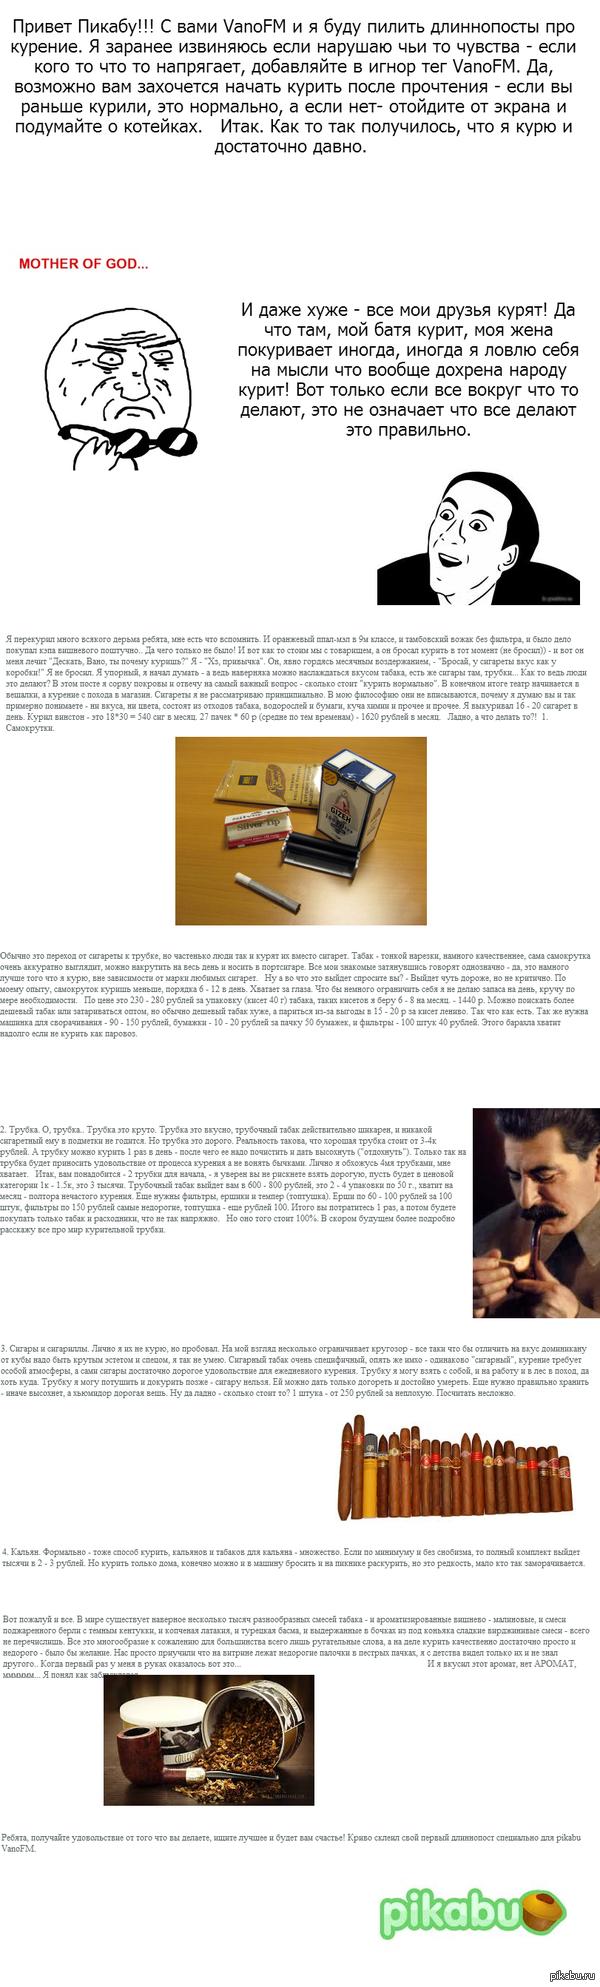 Серия длиннопостов о курении от VanoFM #1